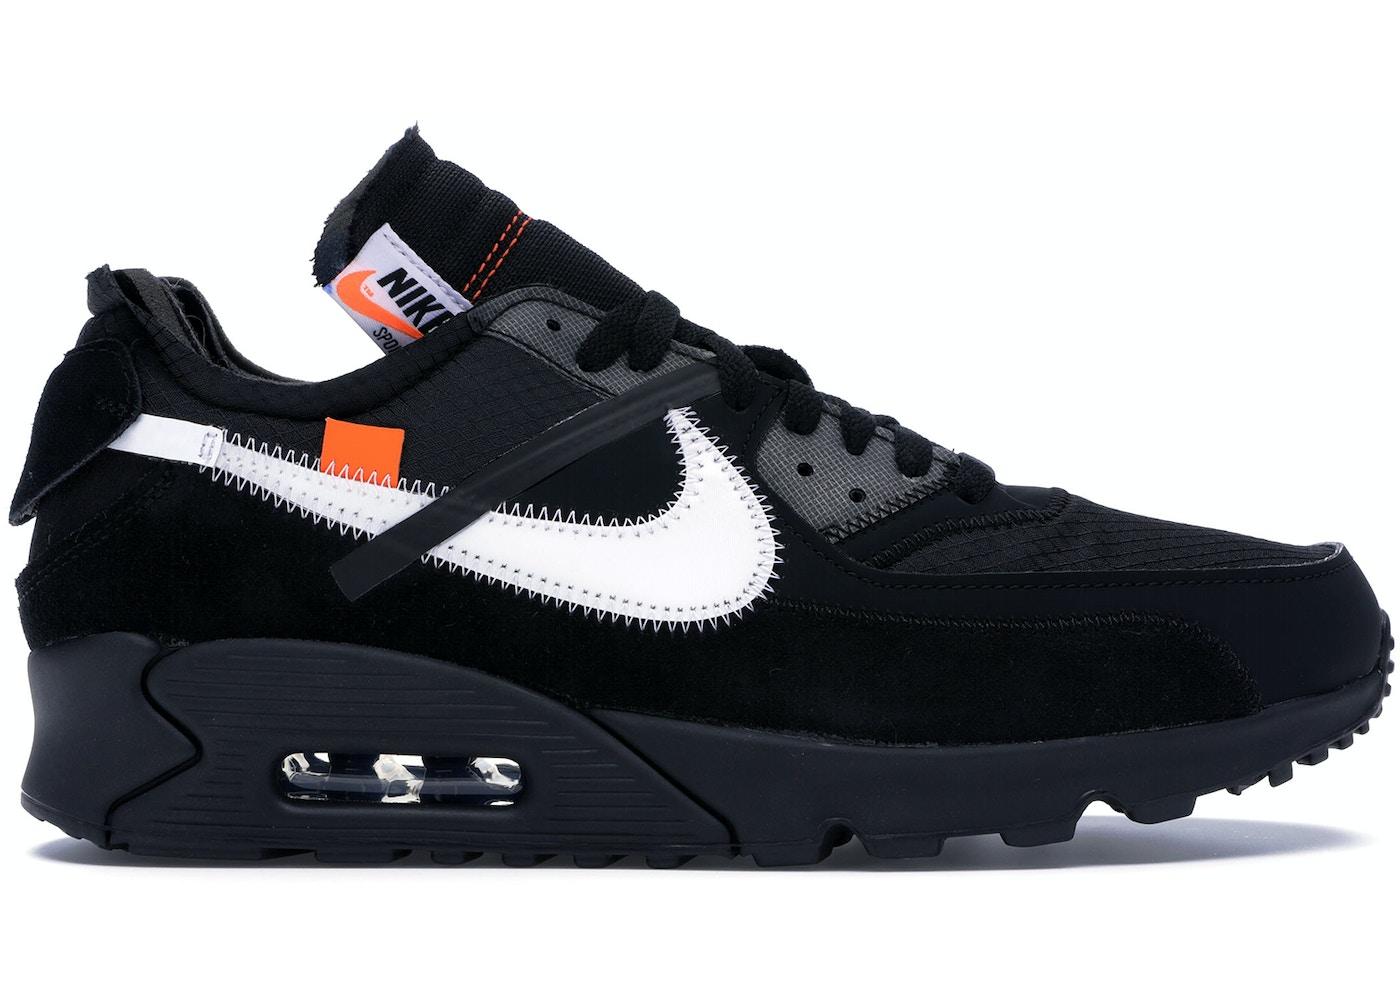 melón rima parque  Nike Air Max 90 OFF-WHITE Black - AA7293-001